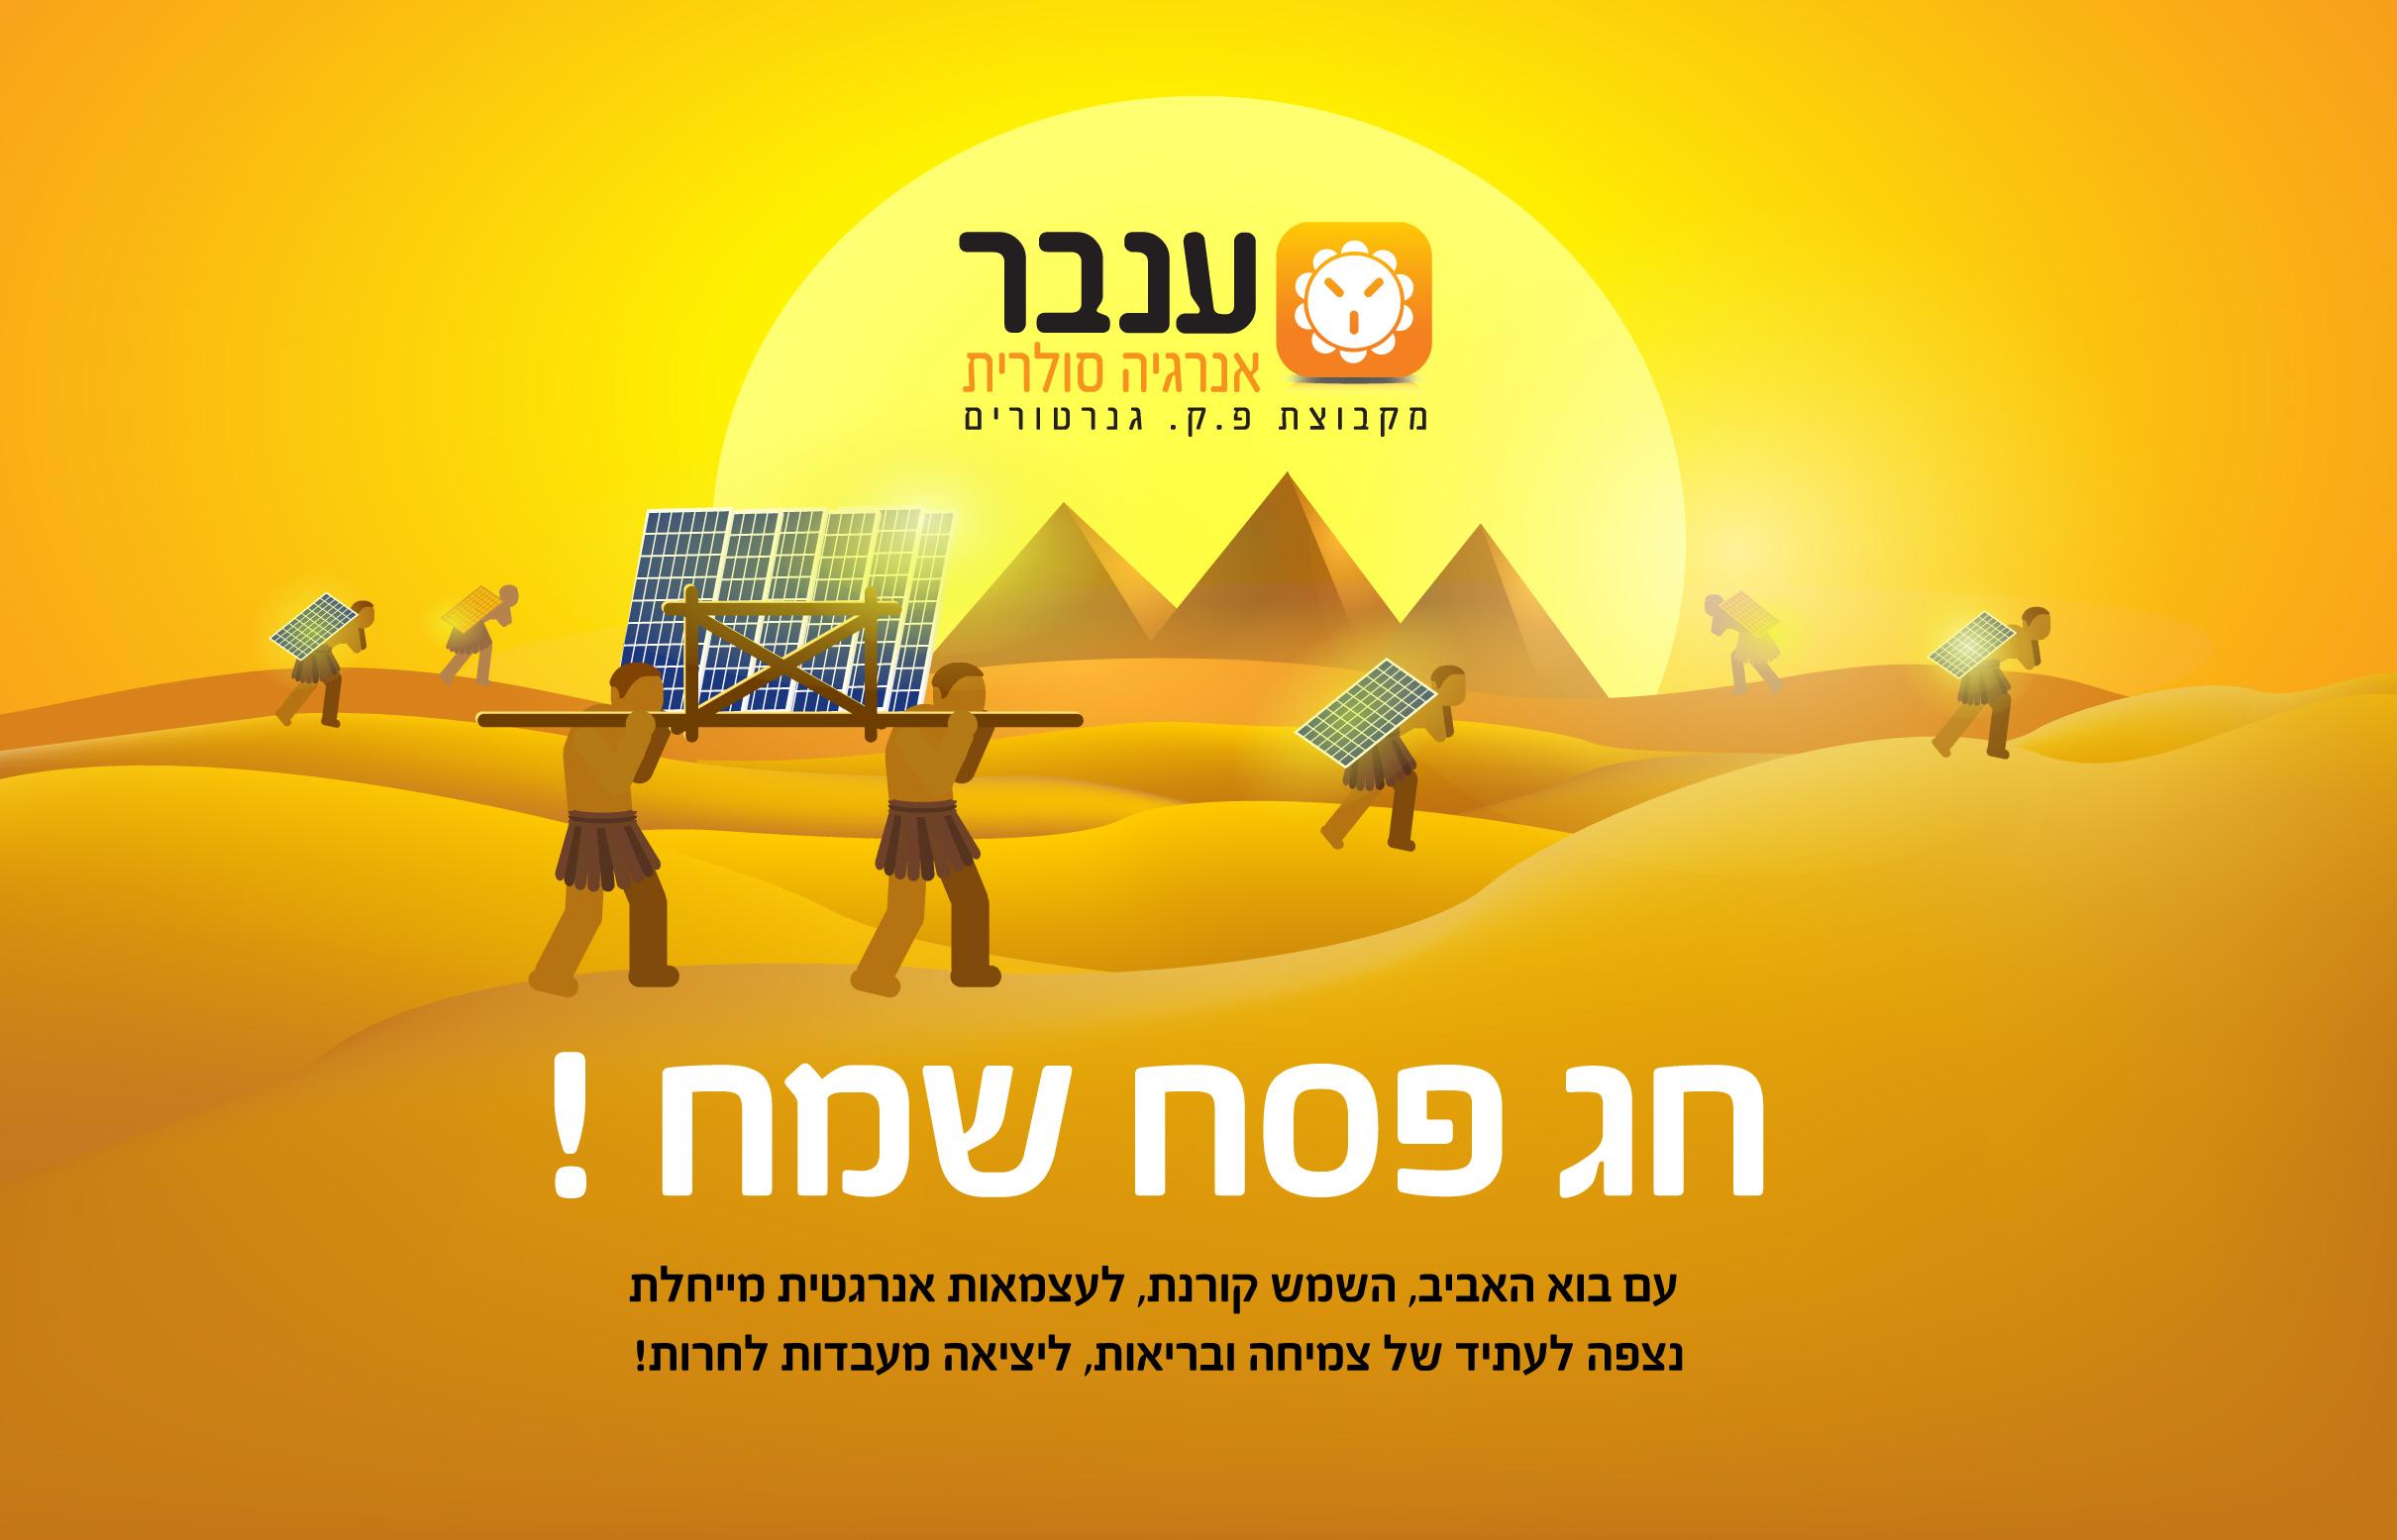 מערכות אנרגיה סולארית - ענבר אנרגיה סולרית